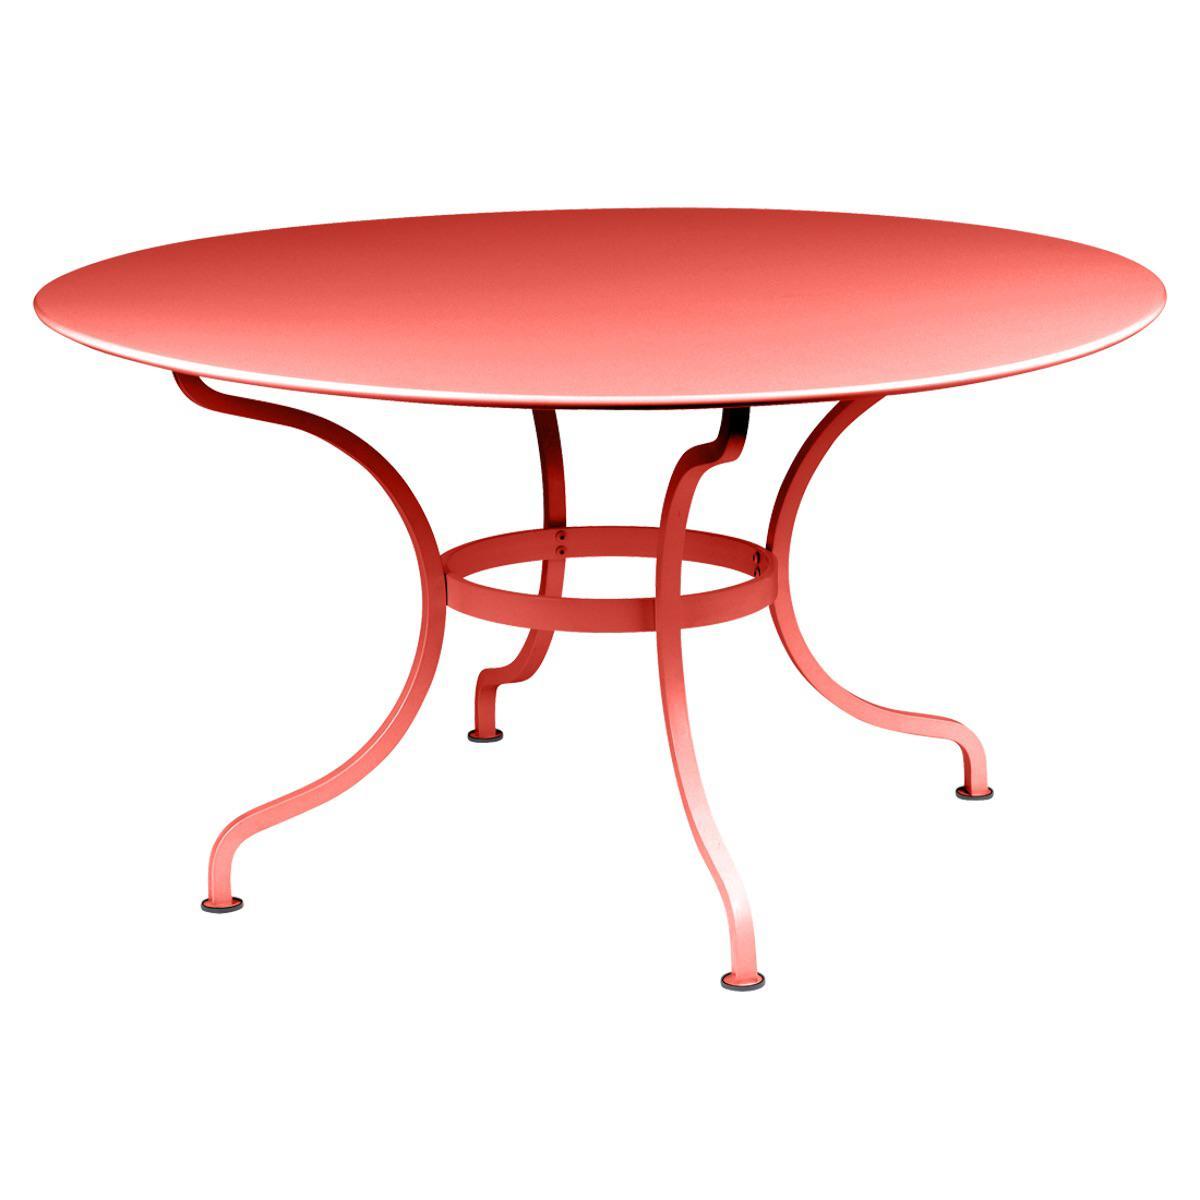 Table ronde 137cm ROMANE Fermob capucine